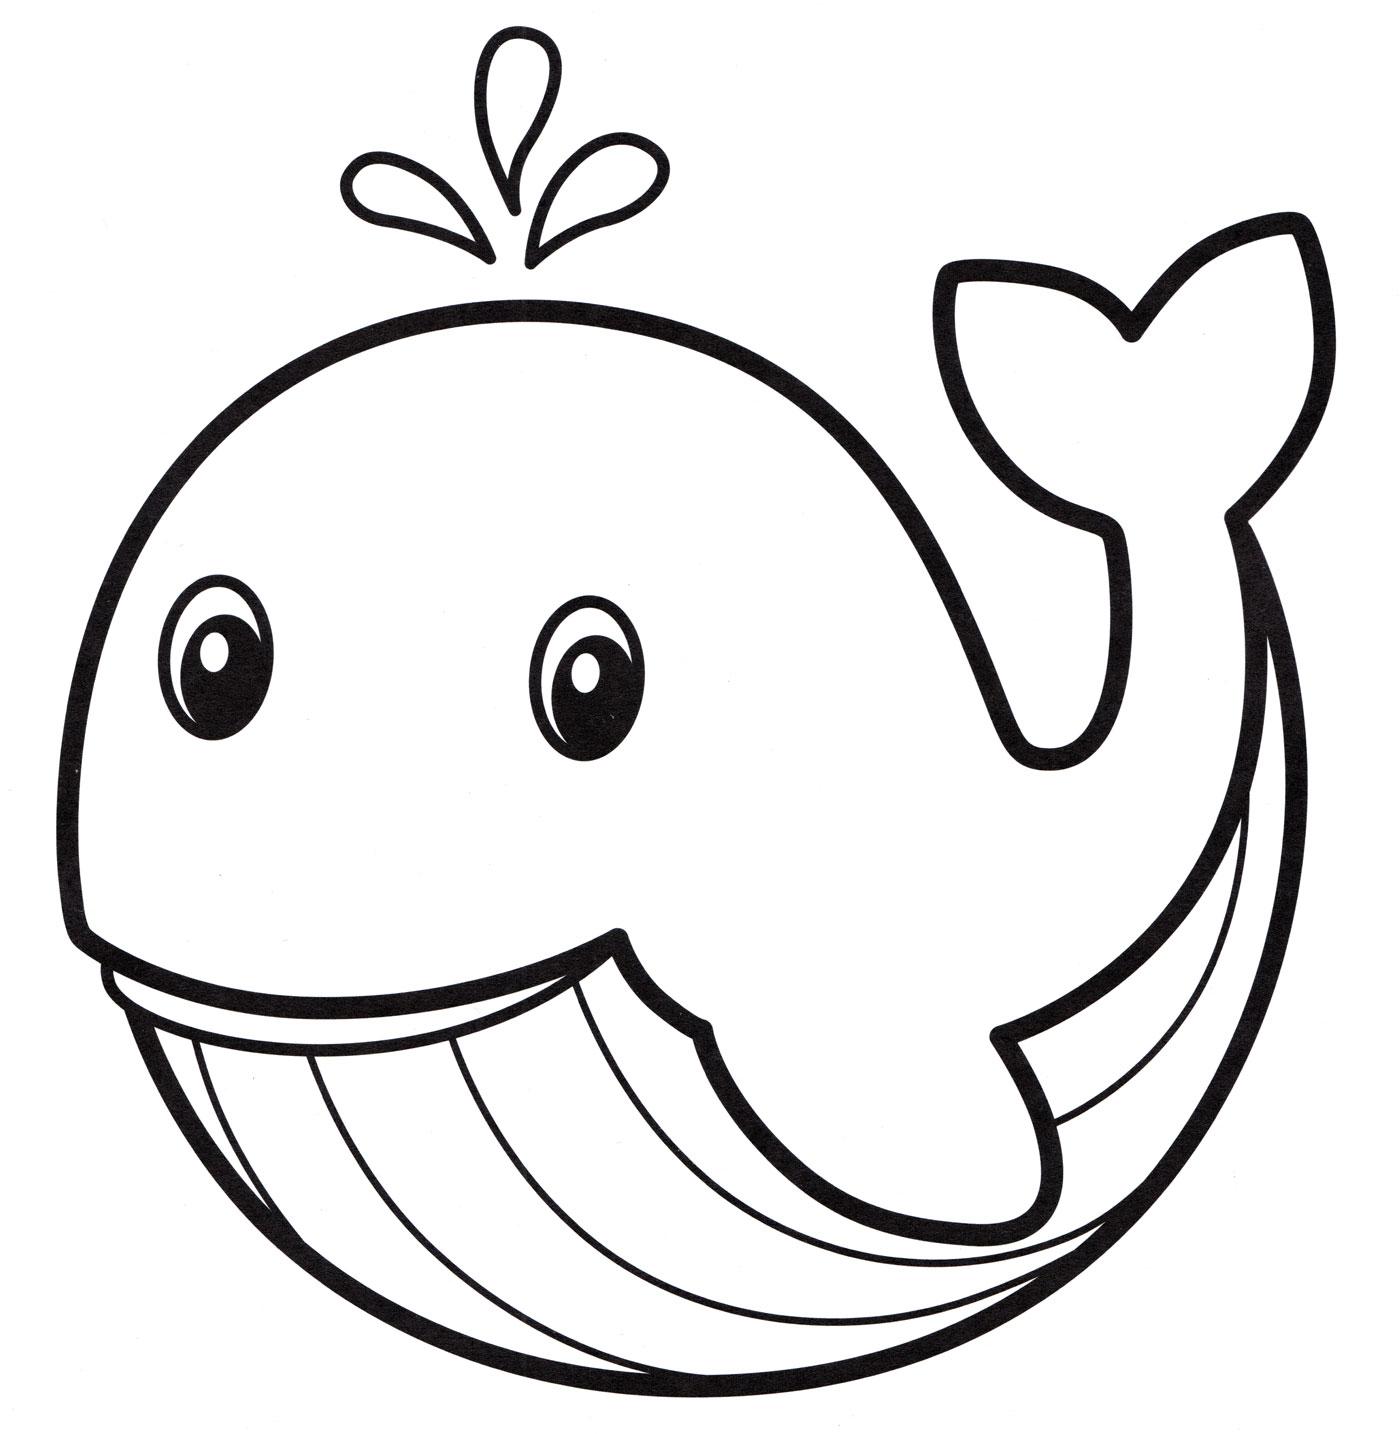 Раскраска Зубастая акула, распечатать бесплатно или скачать